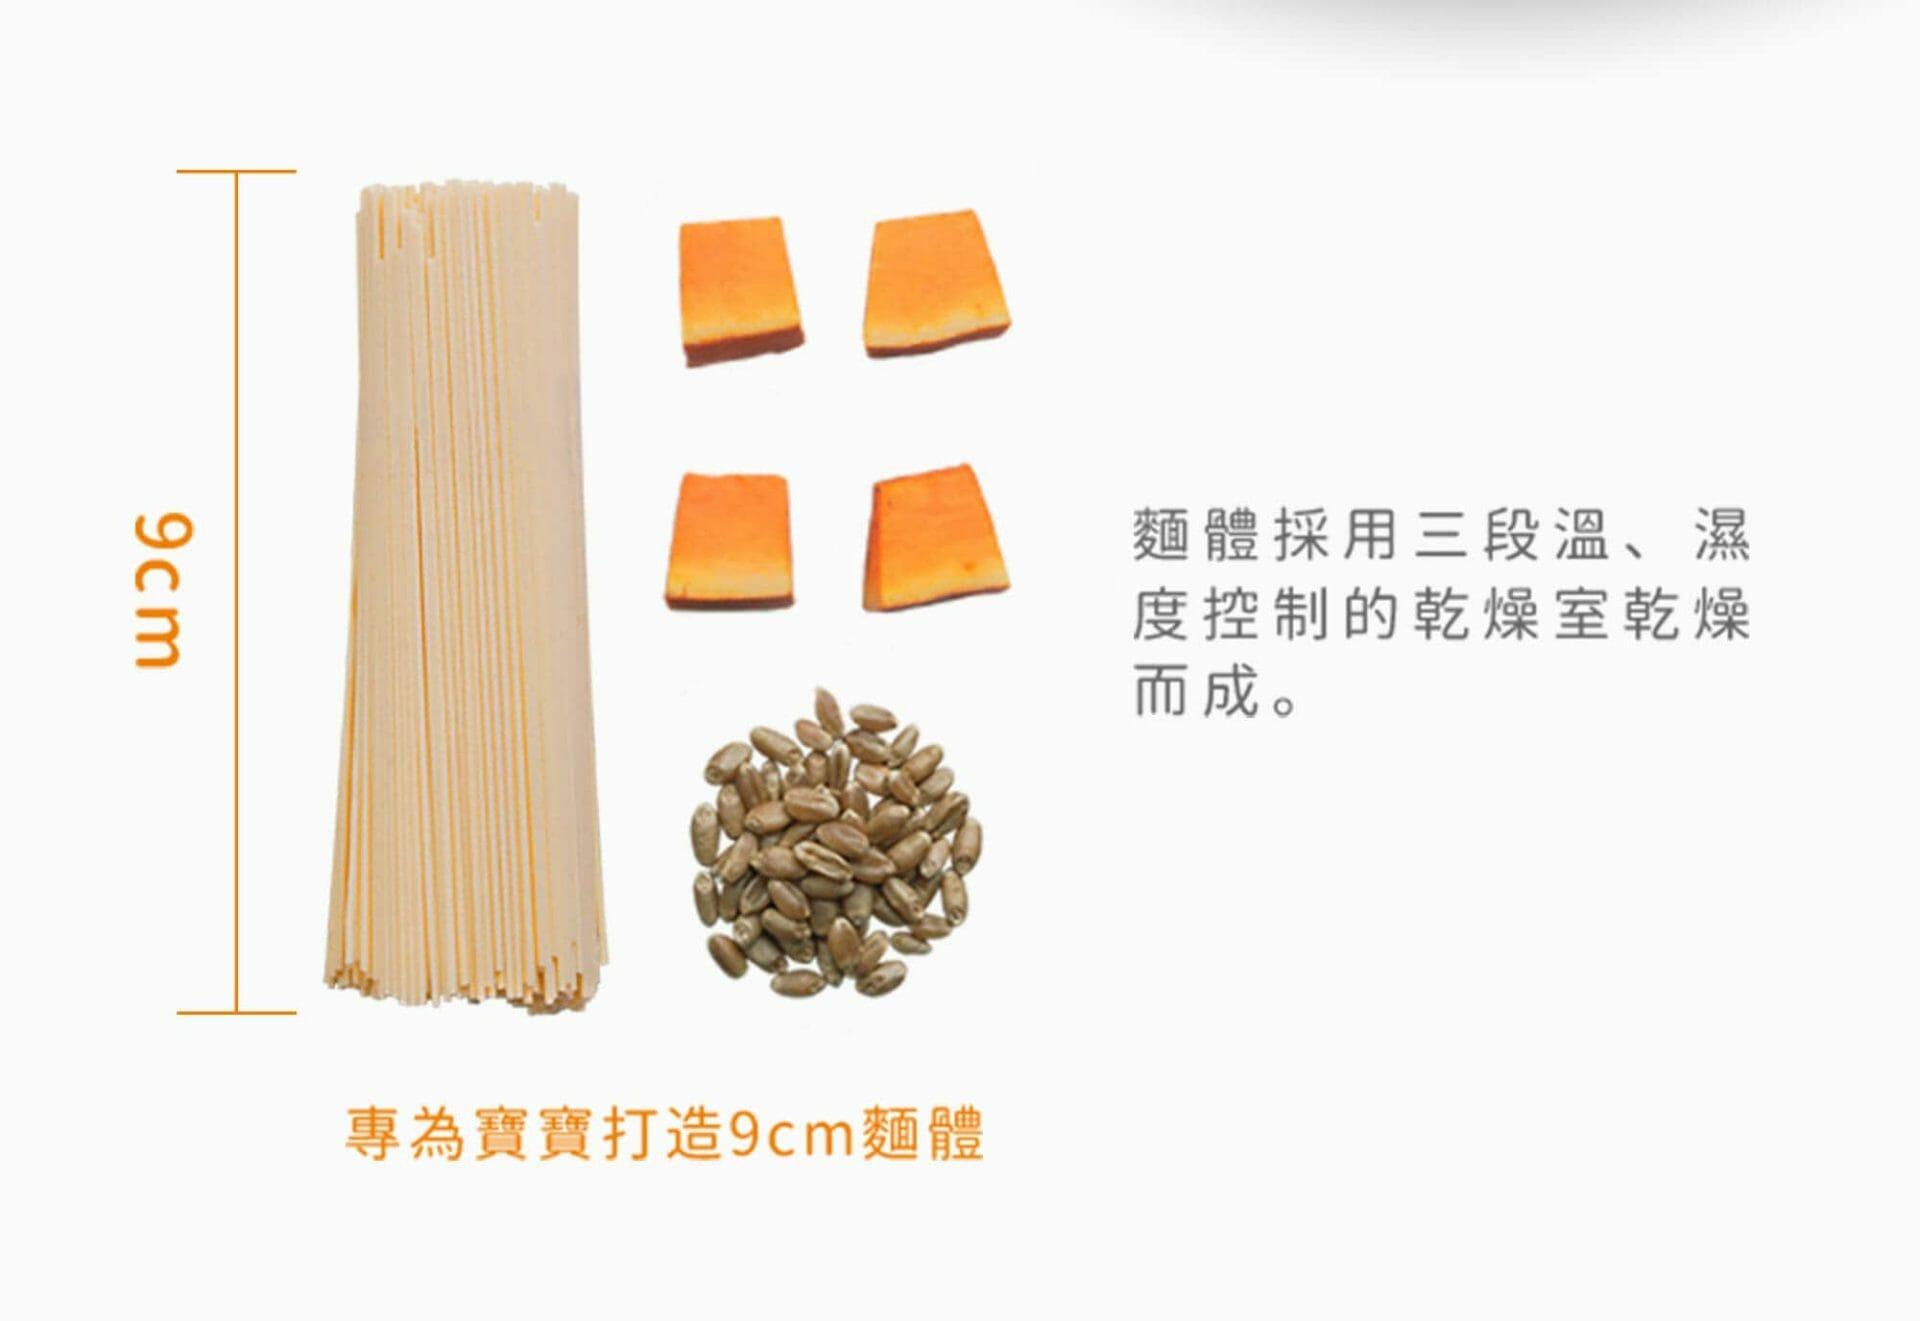 9公分特製麵體,採用三段溫濕度控制的乾燥室乾燥而成。